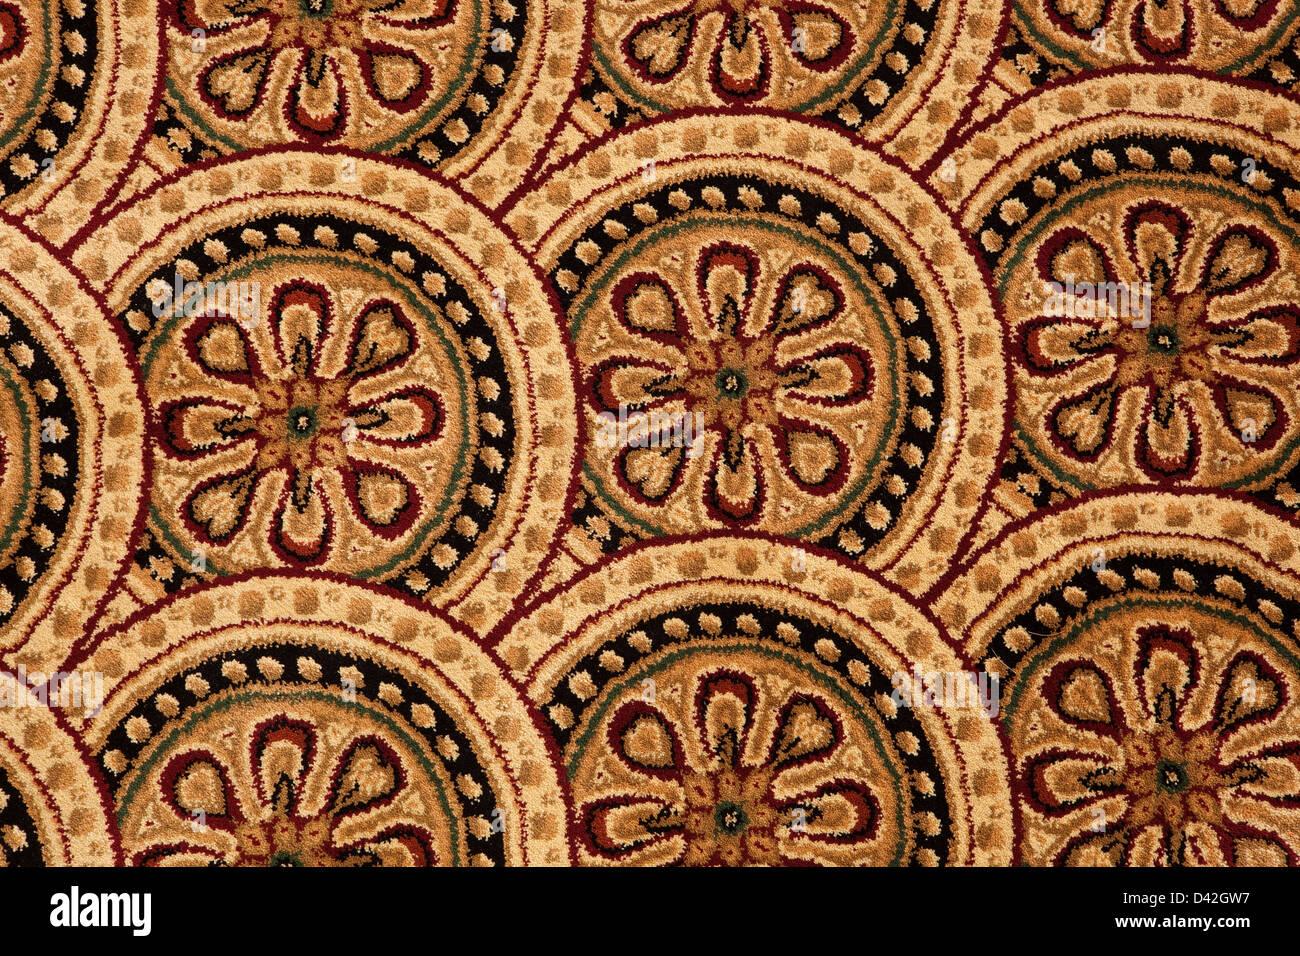 Teppich design textur  Hintergrund und Textur von einem bunten Teppich mit traditionellen ...